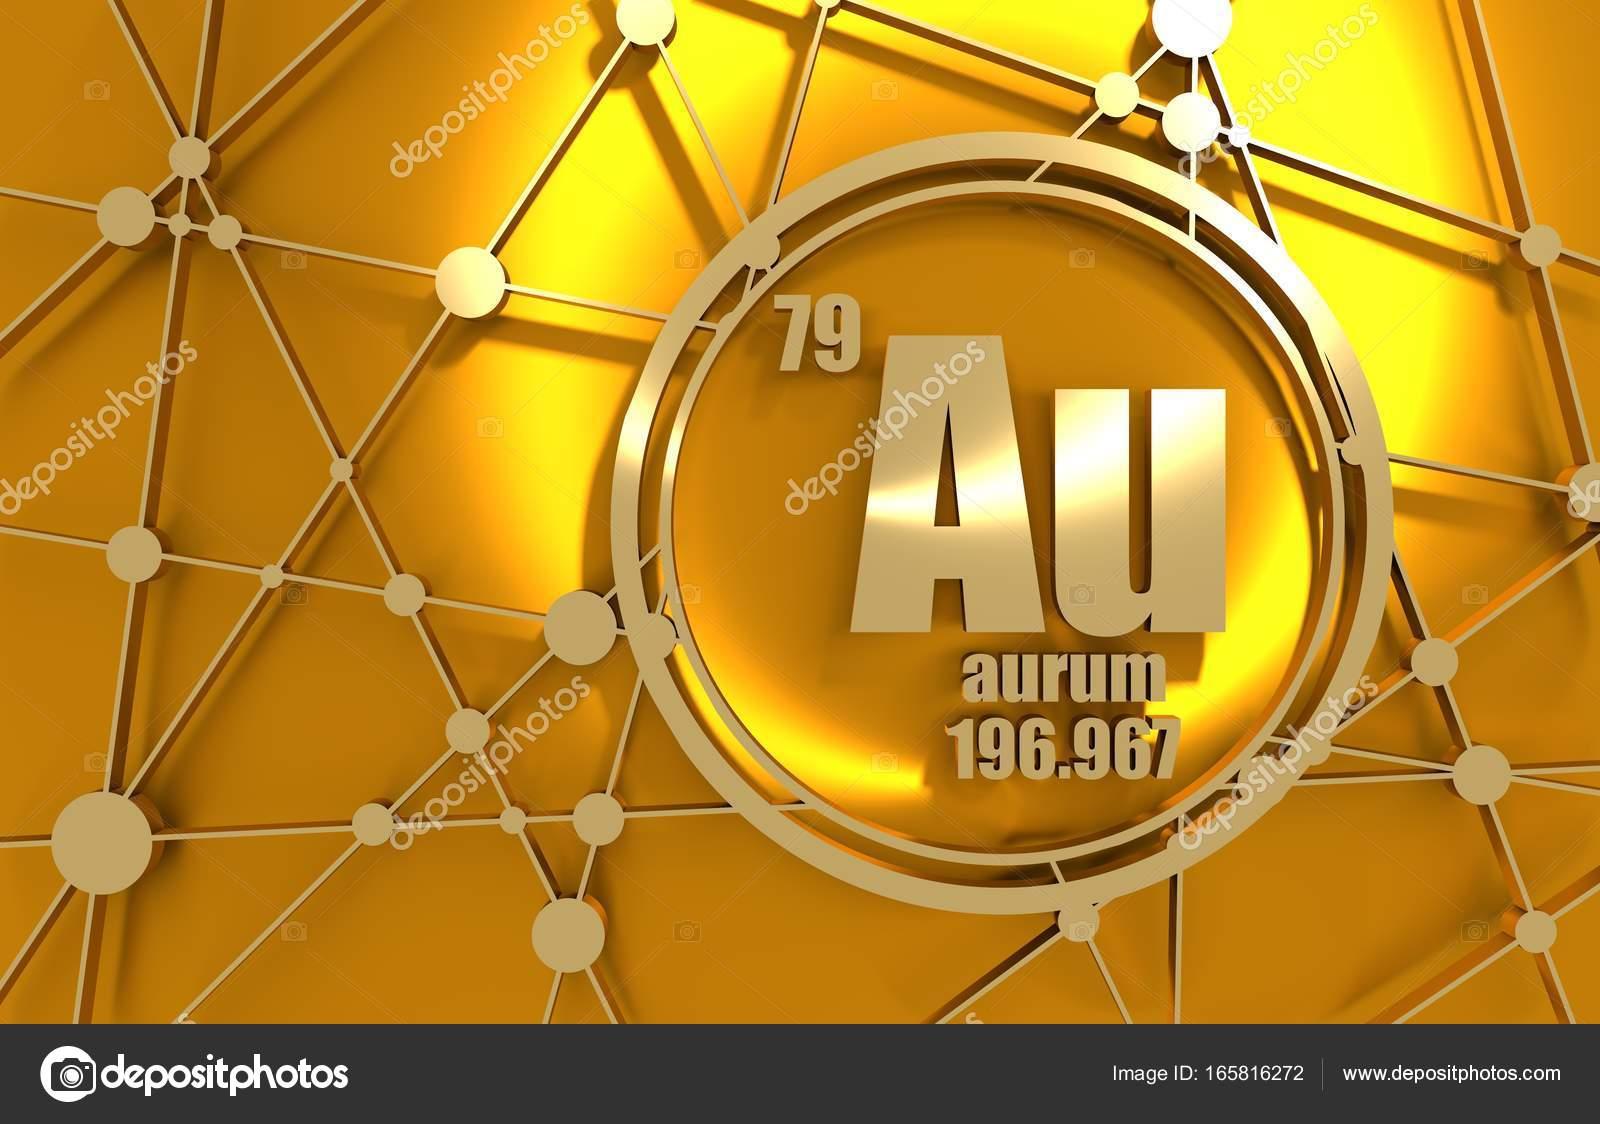 Elemento qumico oro foto de stock jegasra 165816272 elemento qumico oro firmar con el nmero atmico y peso atmico elemento qumico de tabla peridica molcula y el fondo de la comunicacin urtaz Image collections